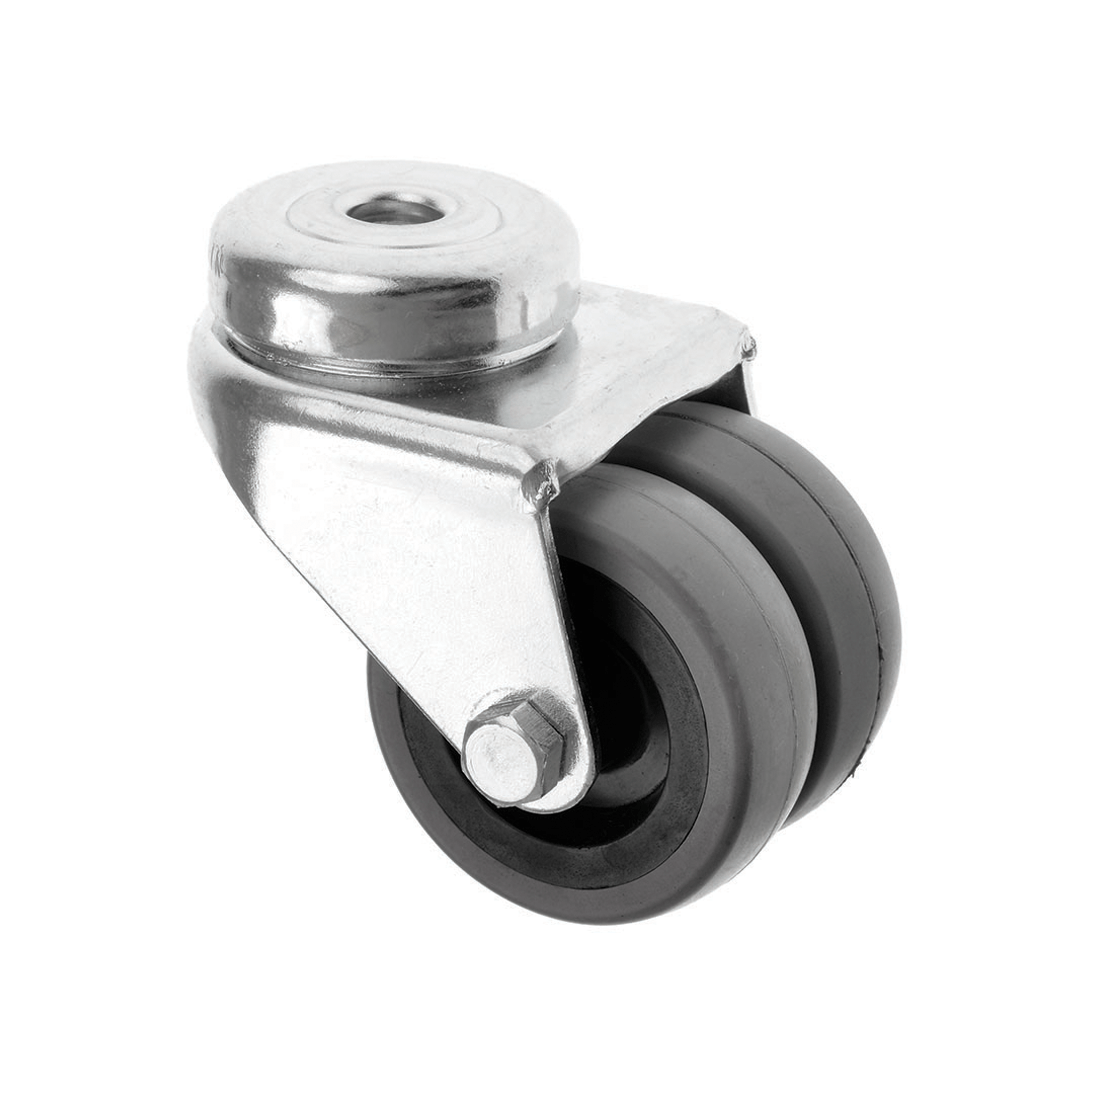 Bolt Hole Castors Rubber Wheel 360 Series